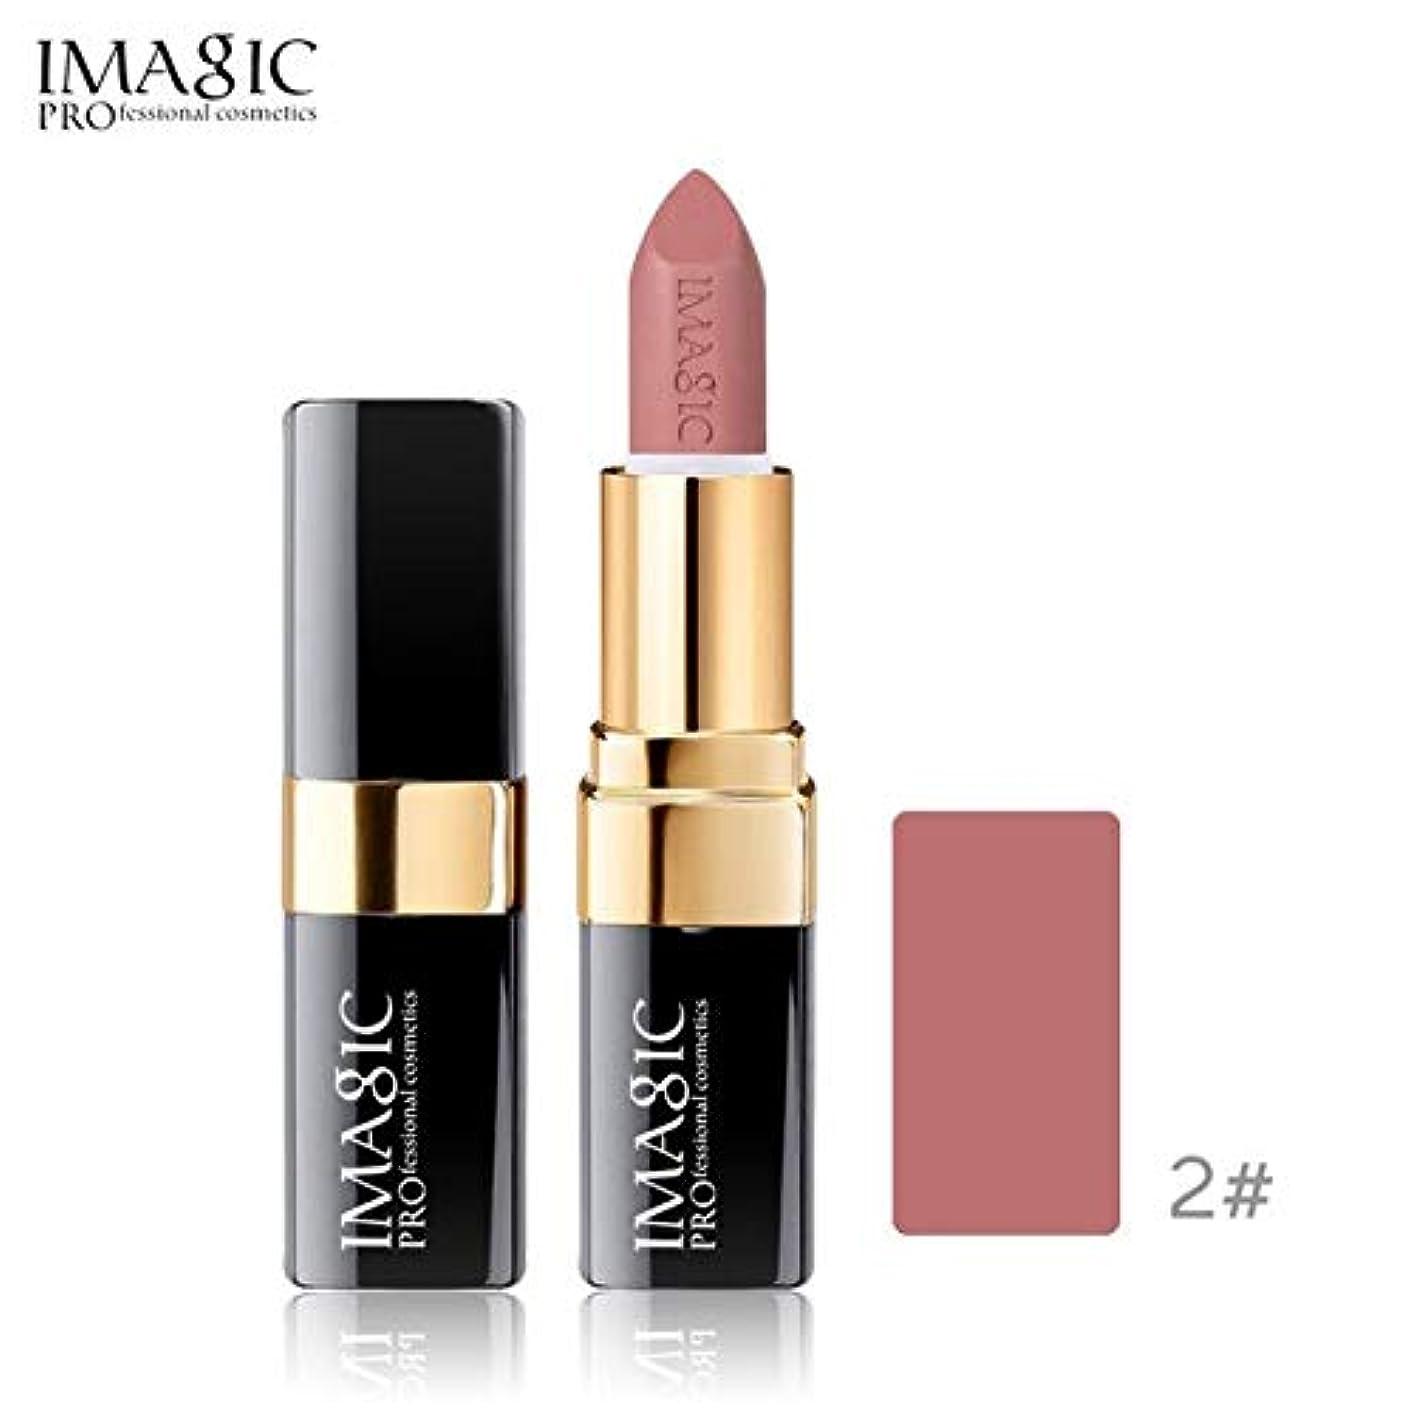 無知に向けて出発自分を引き上げるNOTEイマジック12色口紅モイスチャライザー唇滑らかなリップスティック長続きがする魅力的なリップ口紅化粧品美容メイク